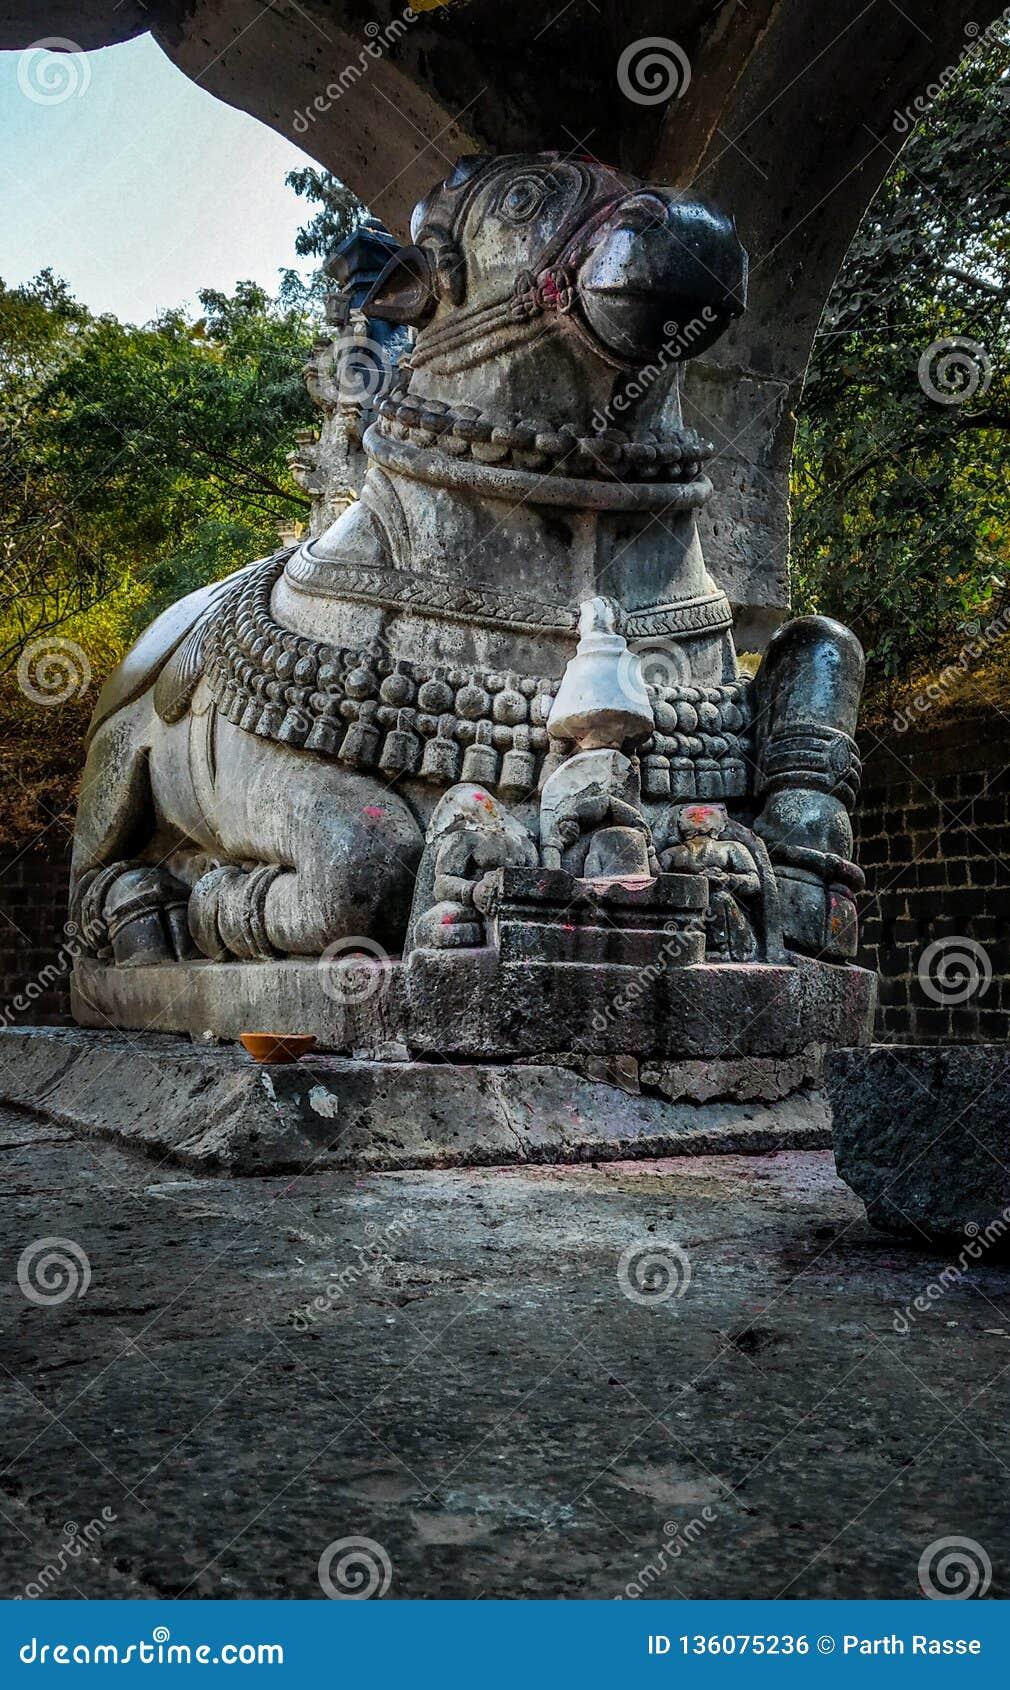 Stena statyn av nandien i en gammal forntida tempel